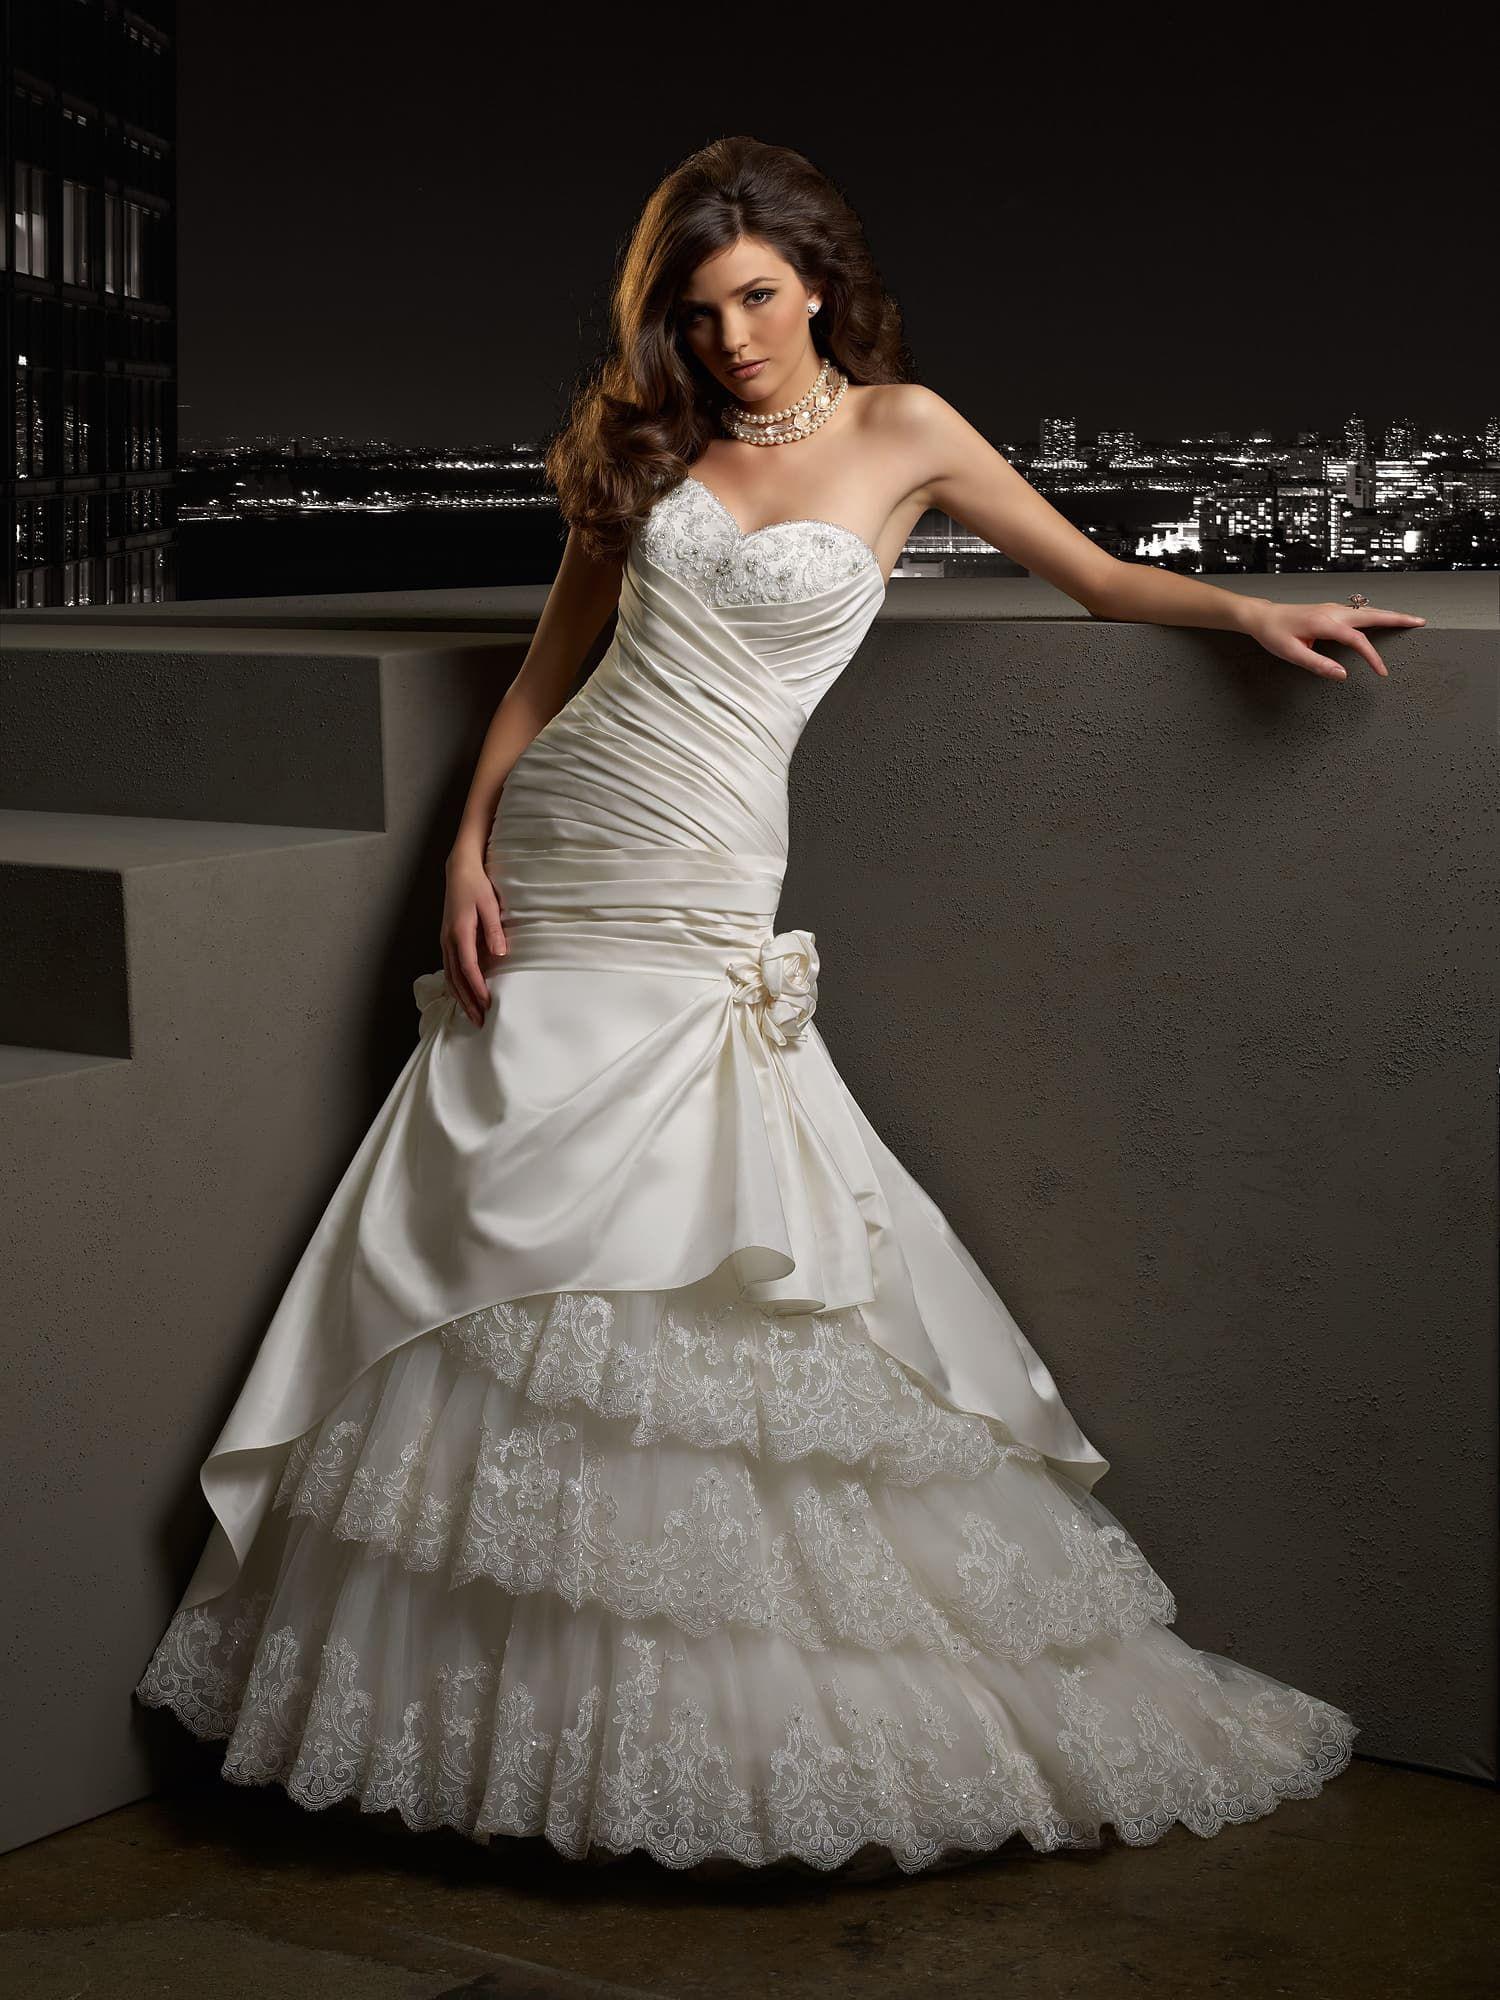 842688b21a9 Свадебное платье Madeline Gardner 37014 ▷ Свадебный Торговый Центр Вега в  Москве